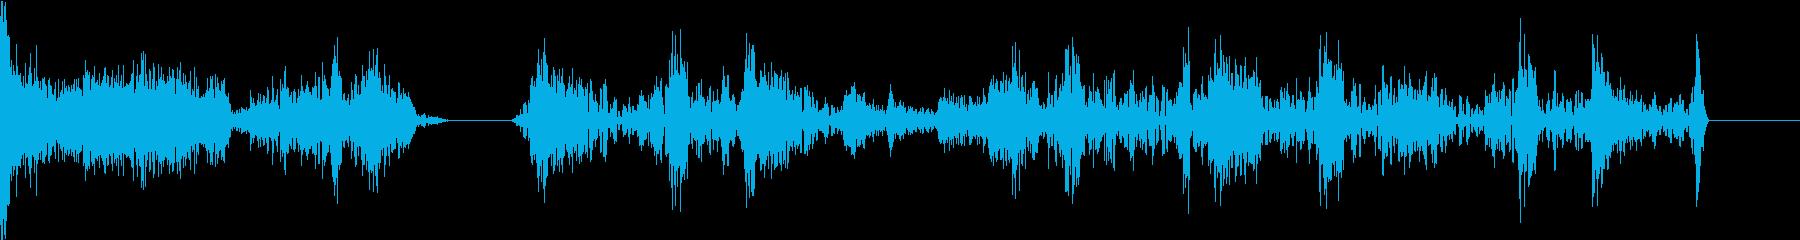 TVFX POPなザッピング音 9の再生済みの波形